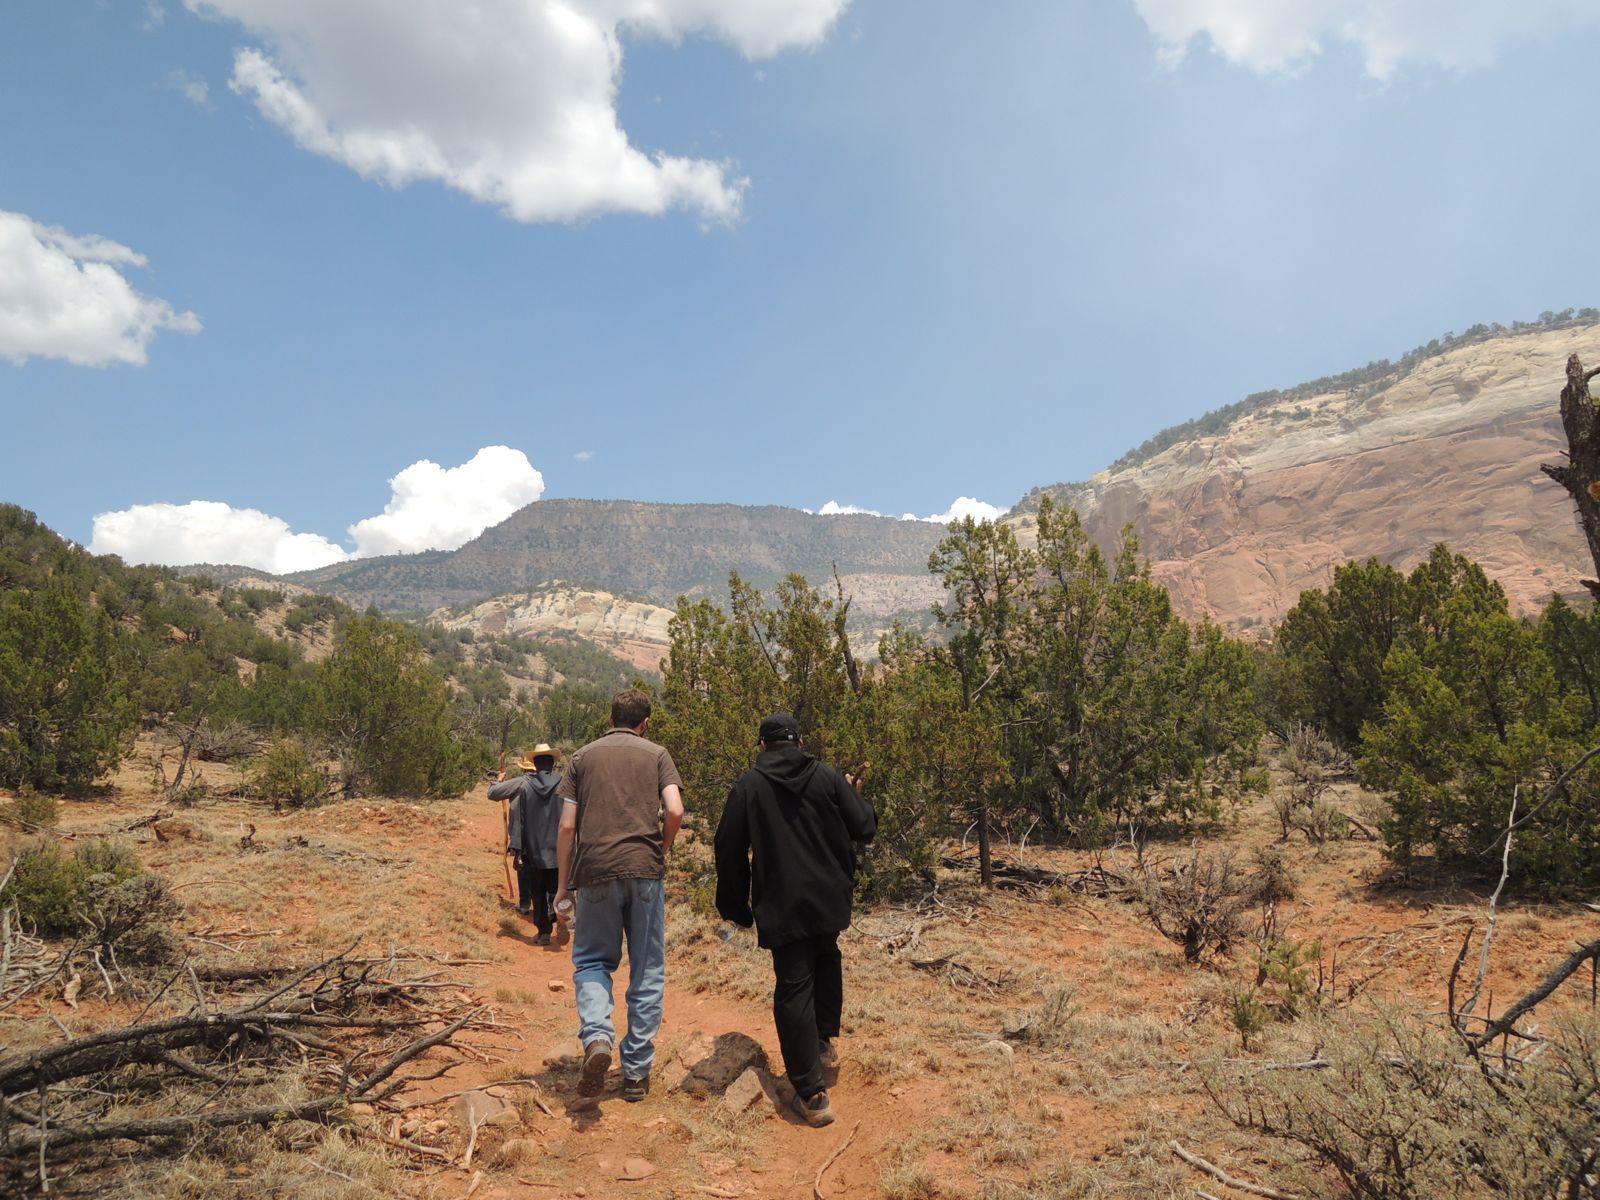 Lay observers on a hike